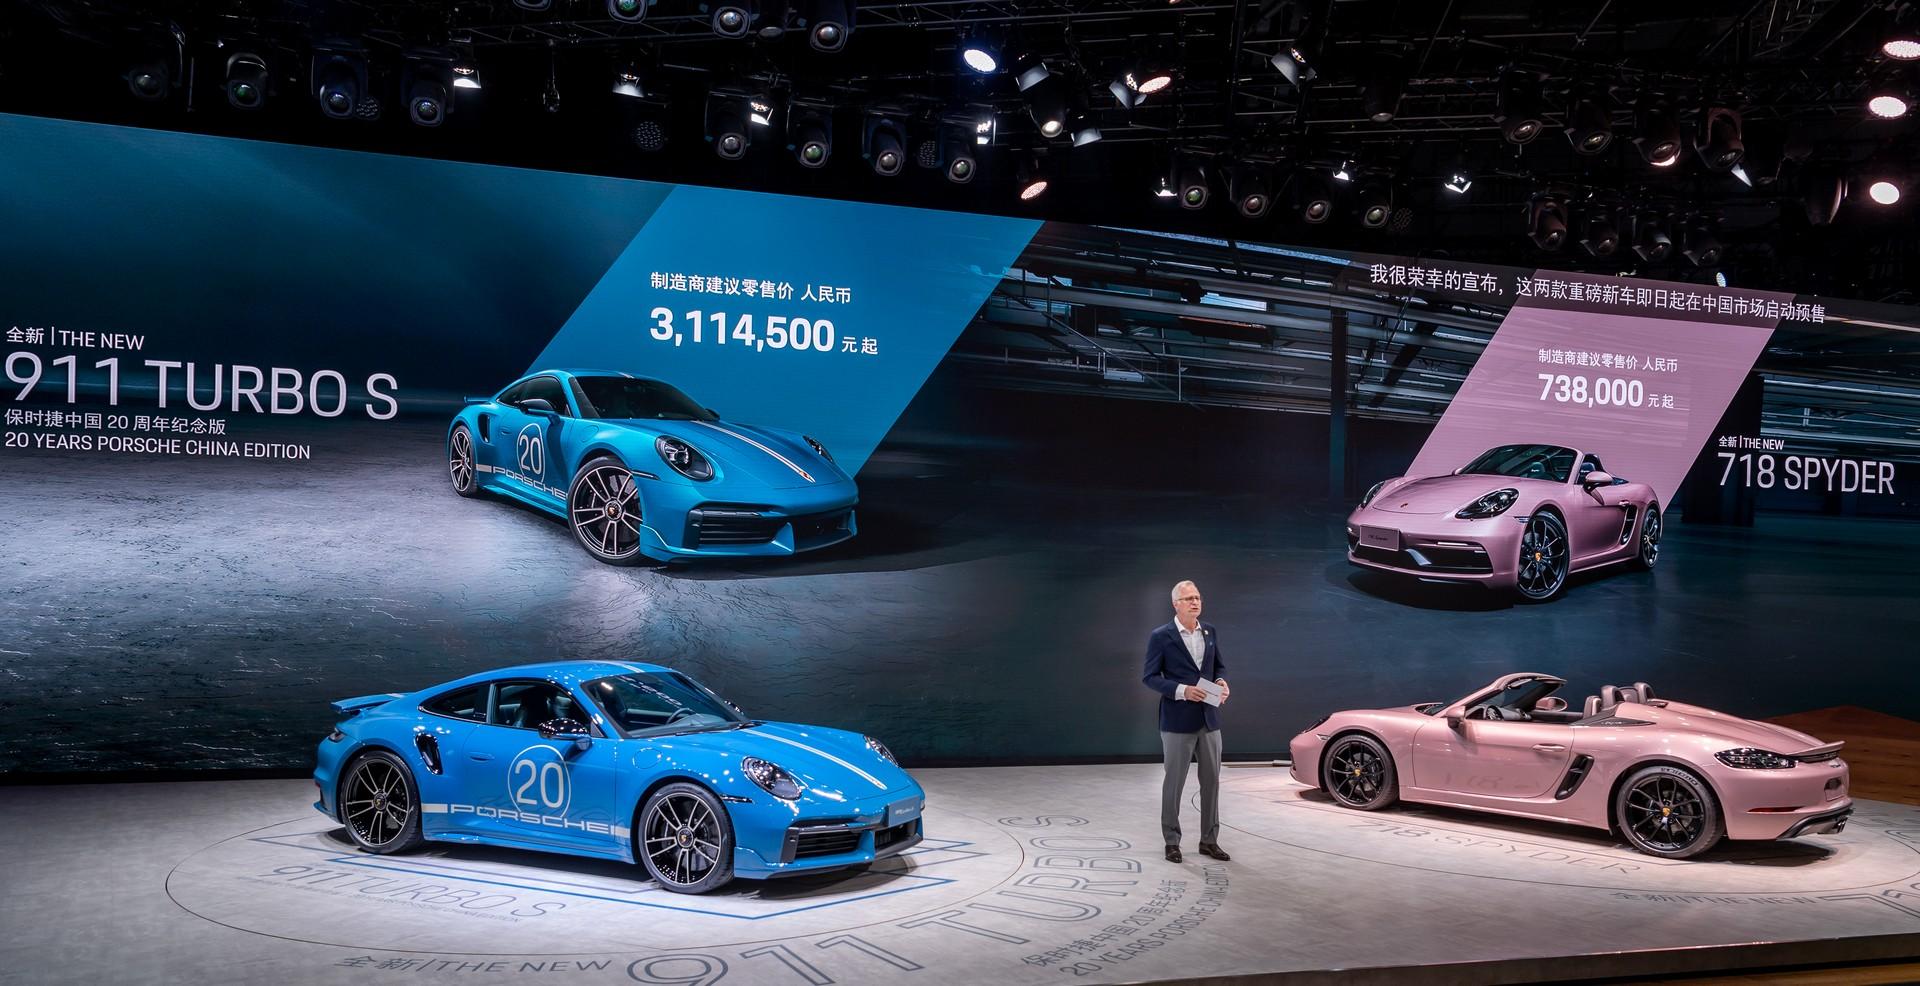 Porsche-911-Turbo-S-20th-Anniversary-Edition-7